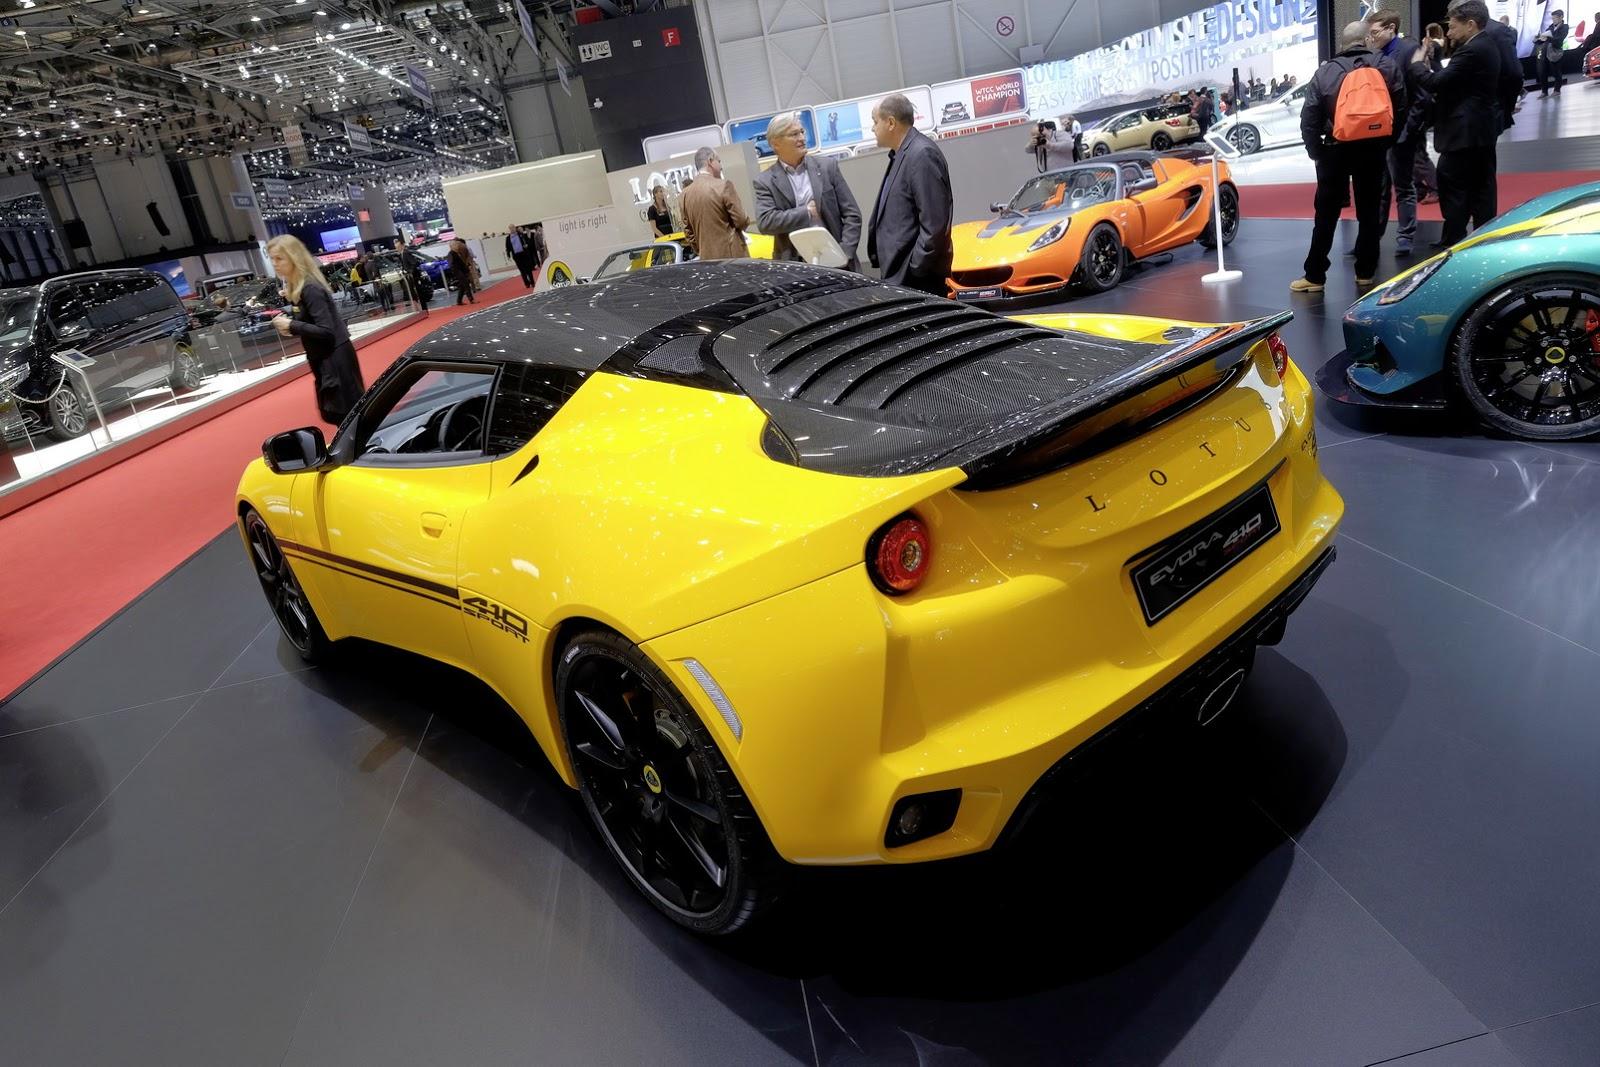 Lotus Evora Sport 410 2017 lần đầu tiên xuất hiện trước công chúng